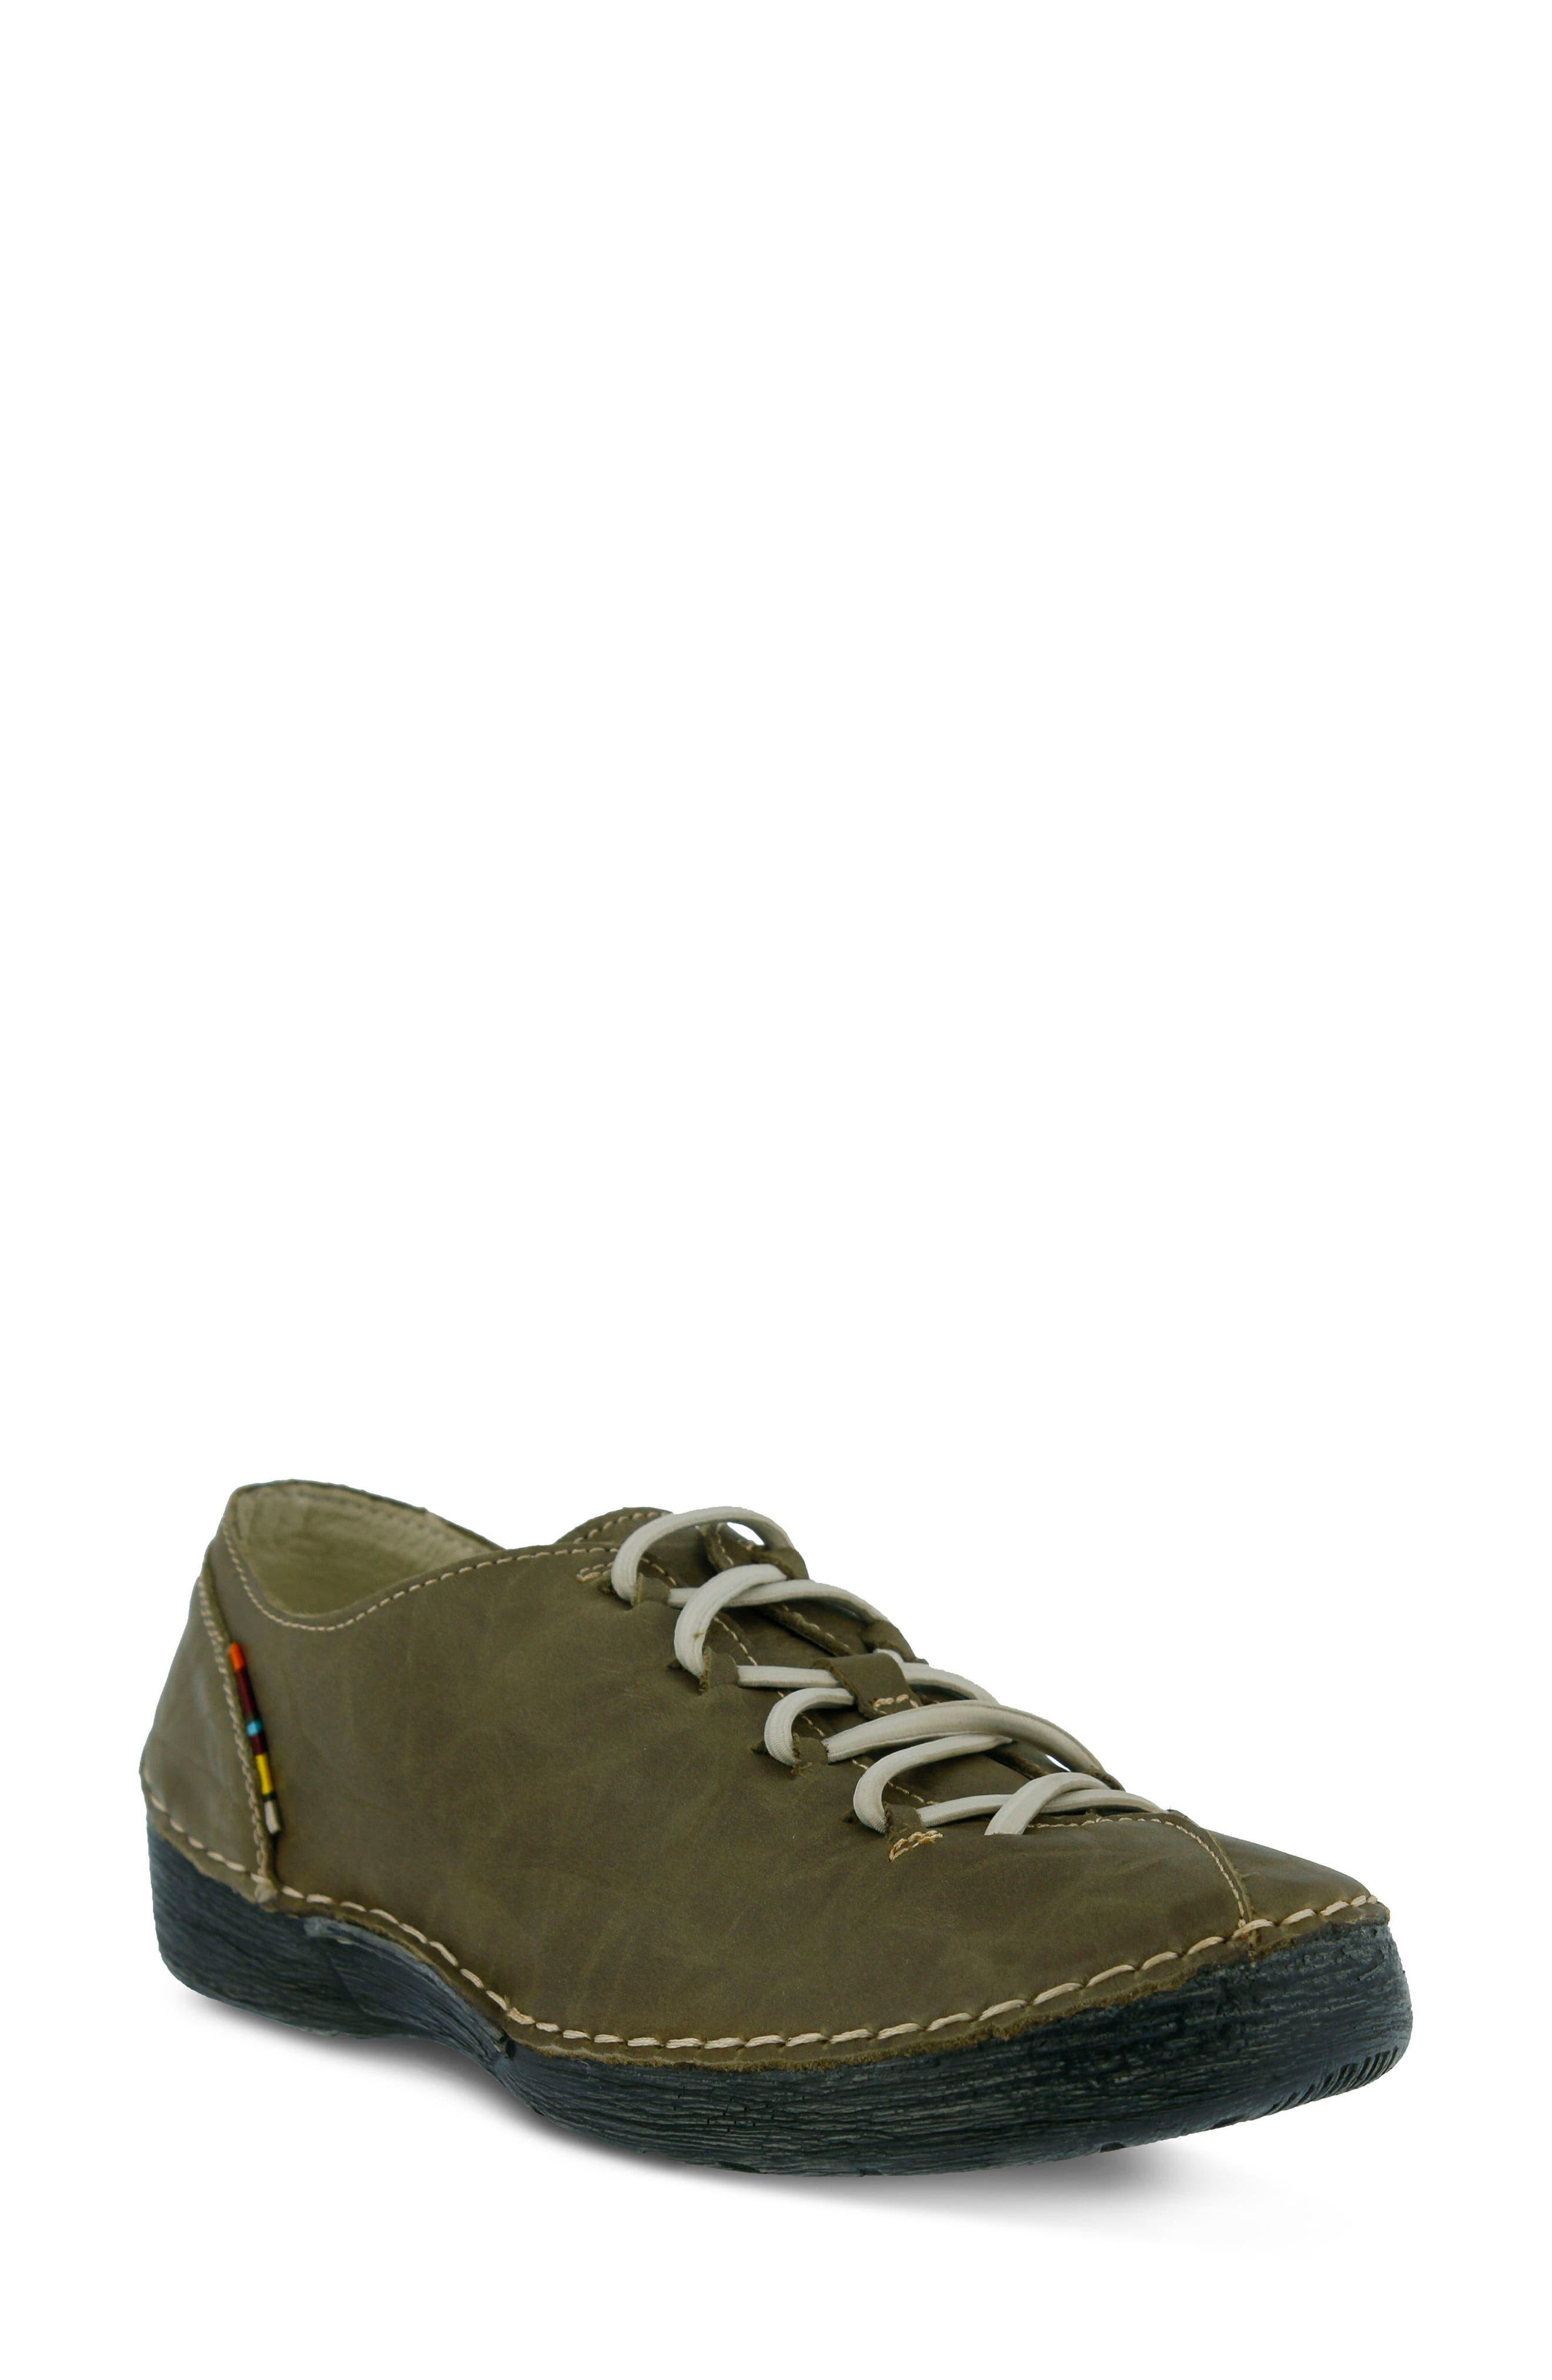 Spring Step Carhop Sneaker - Green